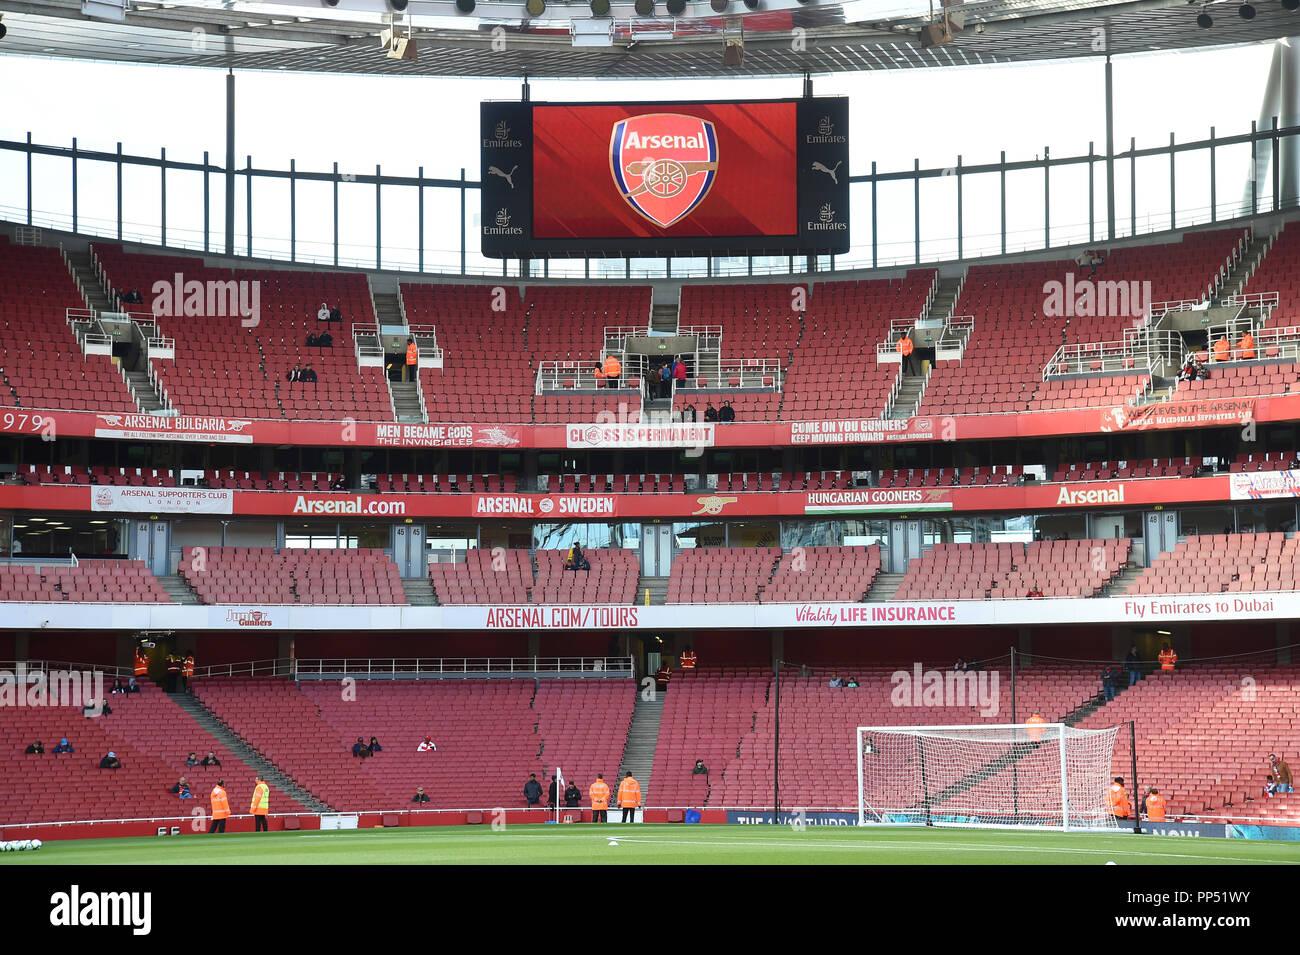 Londres, Reino Unido. El 23 de septiembre de 2018. Vista general de la Premier League entre el Arsenal y el Everton en el Emirates Stadium el 23 de septiembre de 2018 en Londres, Inglaterra. (Foto por Zed Jameson/phcimages.com) Crédito: Imágenes de APS/Alamy Live News Foto de stock